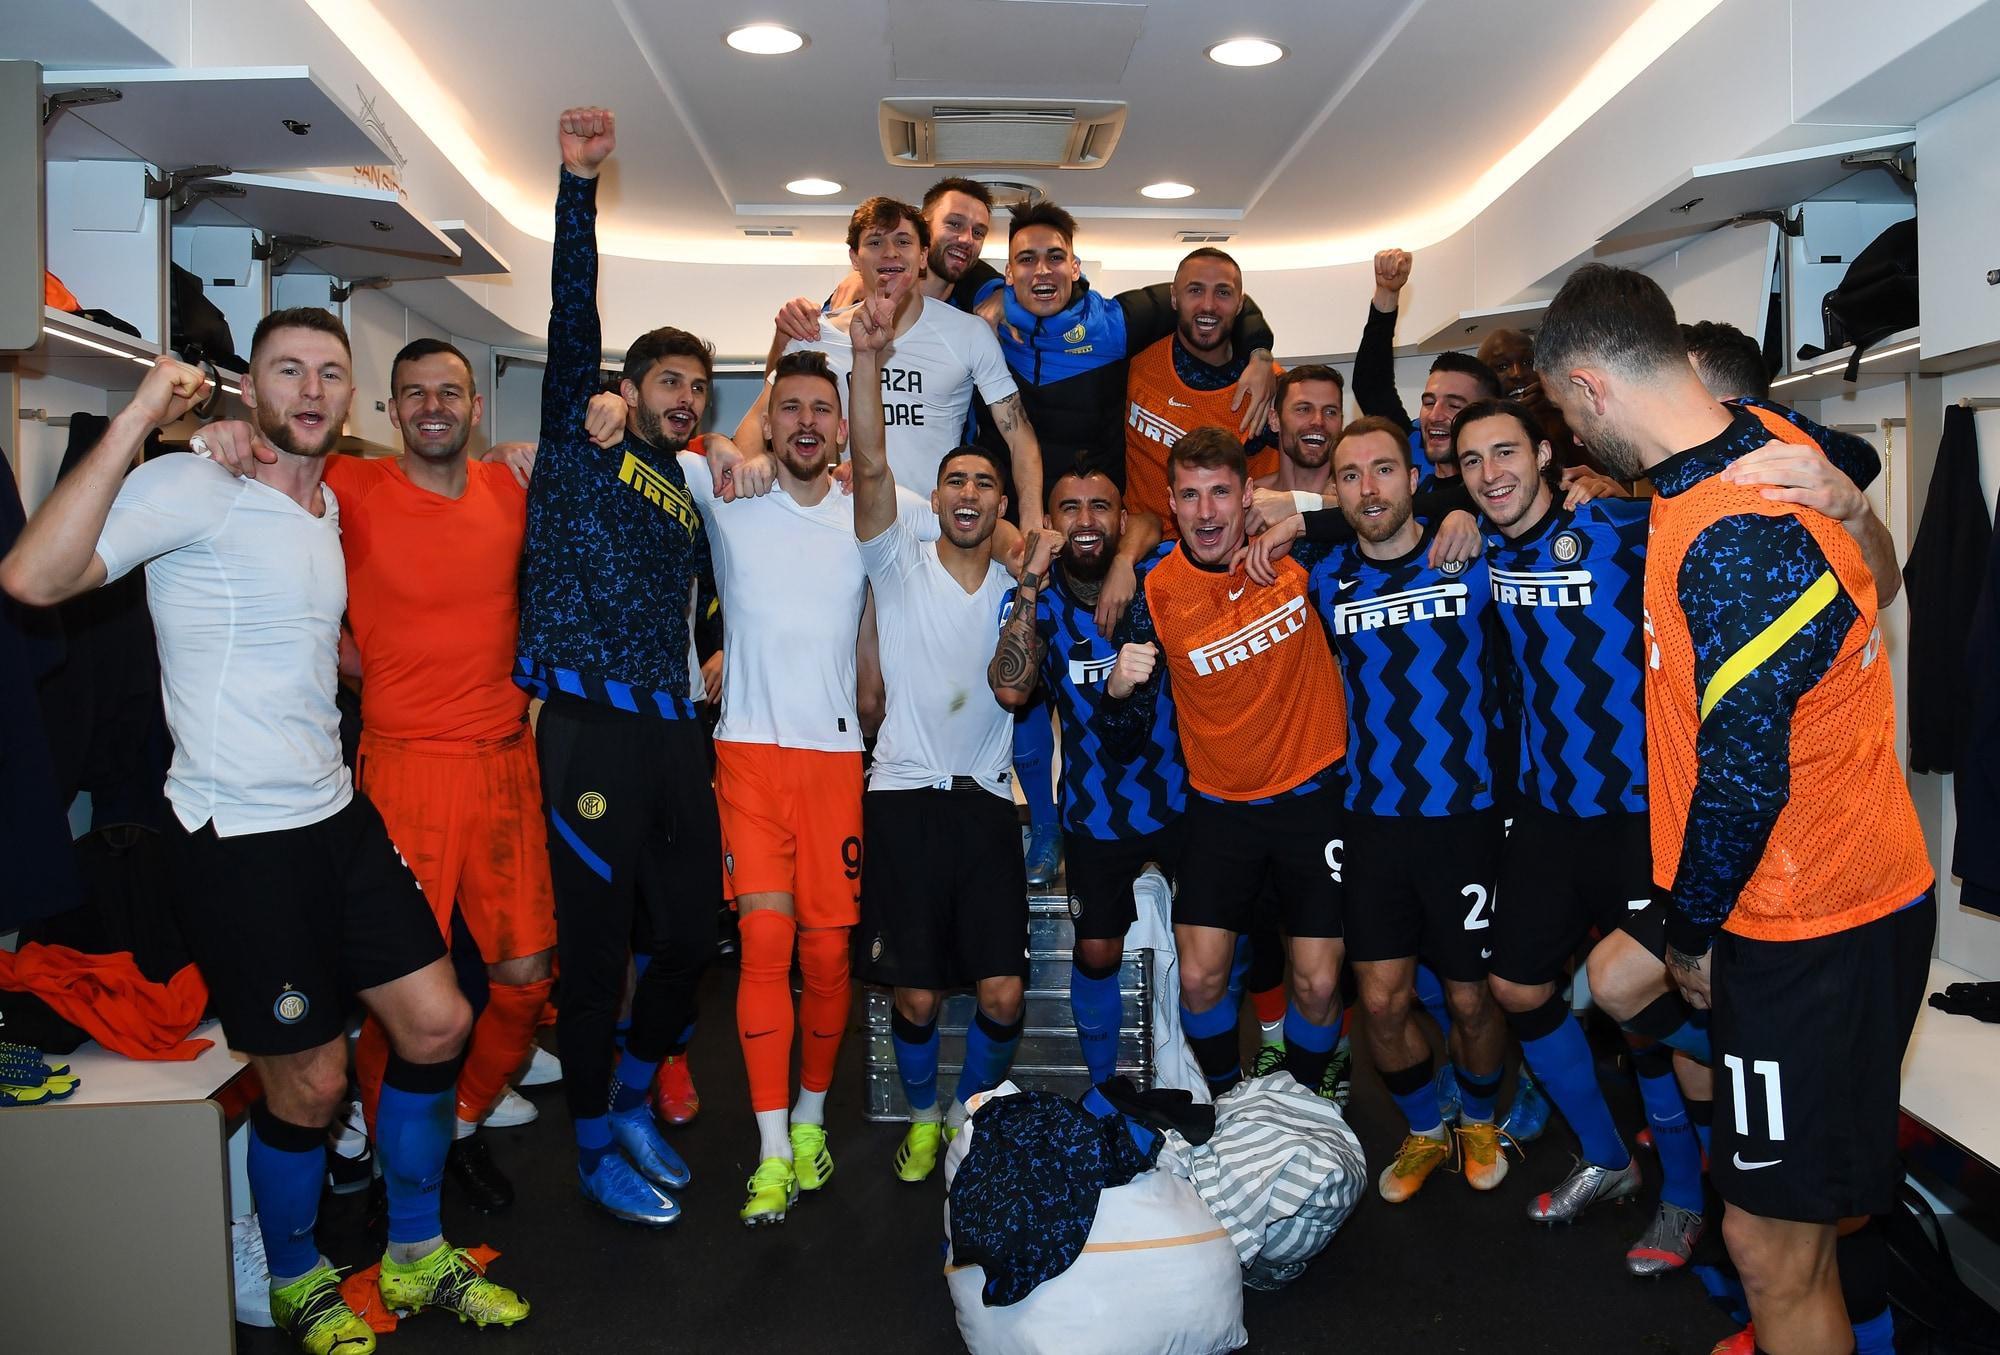 La festa dell'Inter dopo il derby, che esultanza per i nerazzurri!